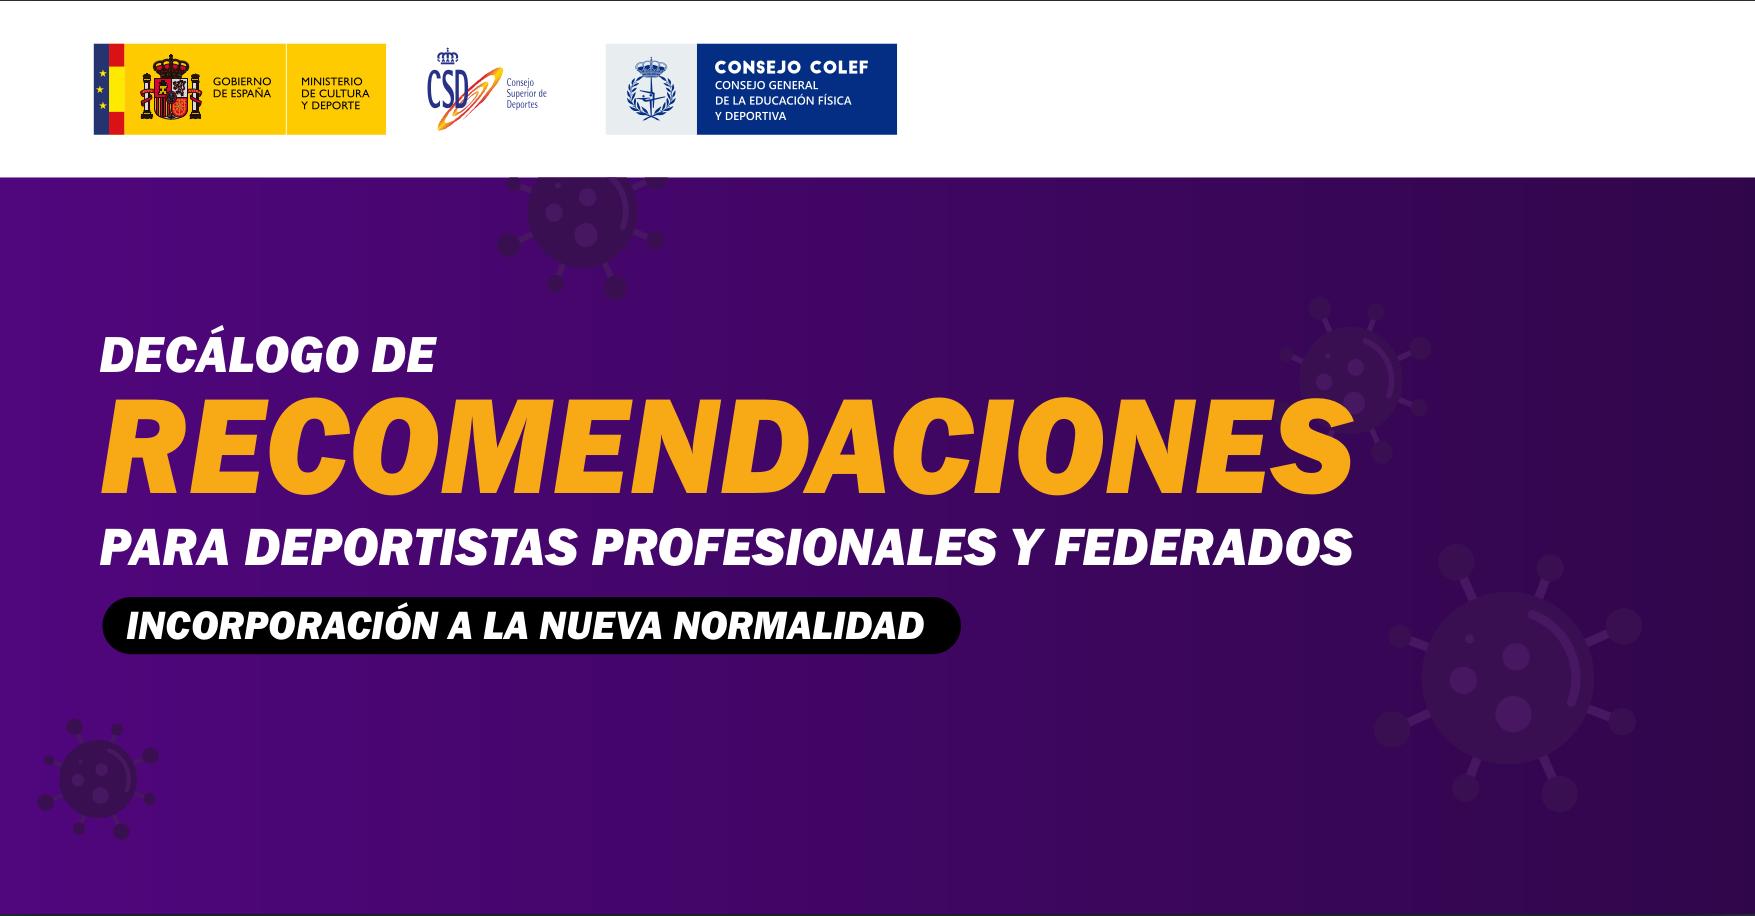 Decálogo recomendaciones CSD para deportistas profesionales y federados